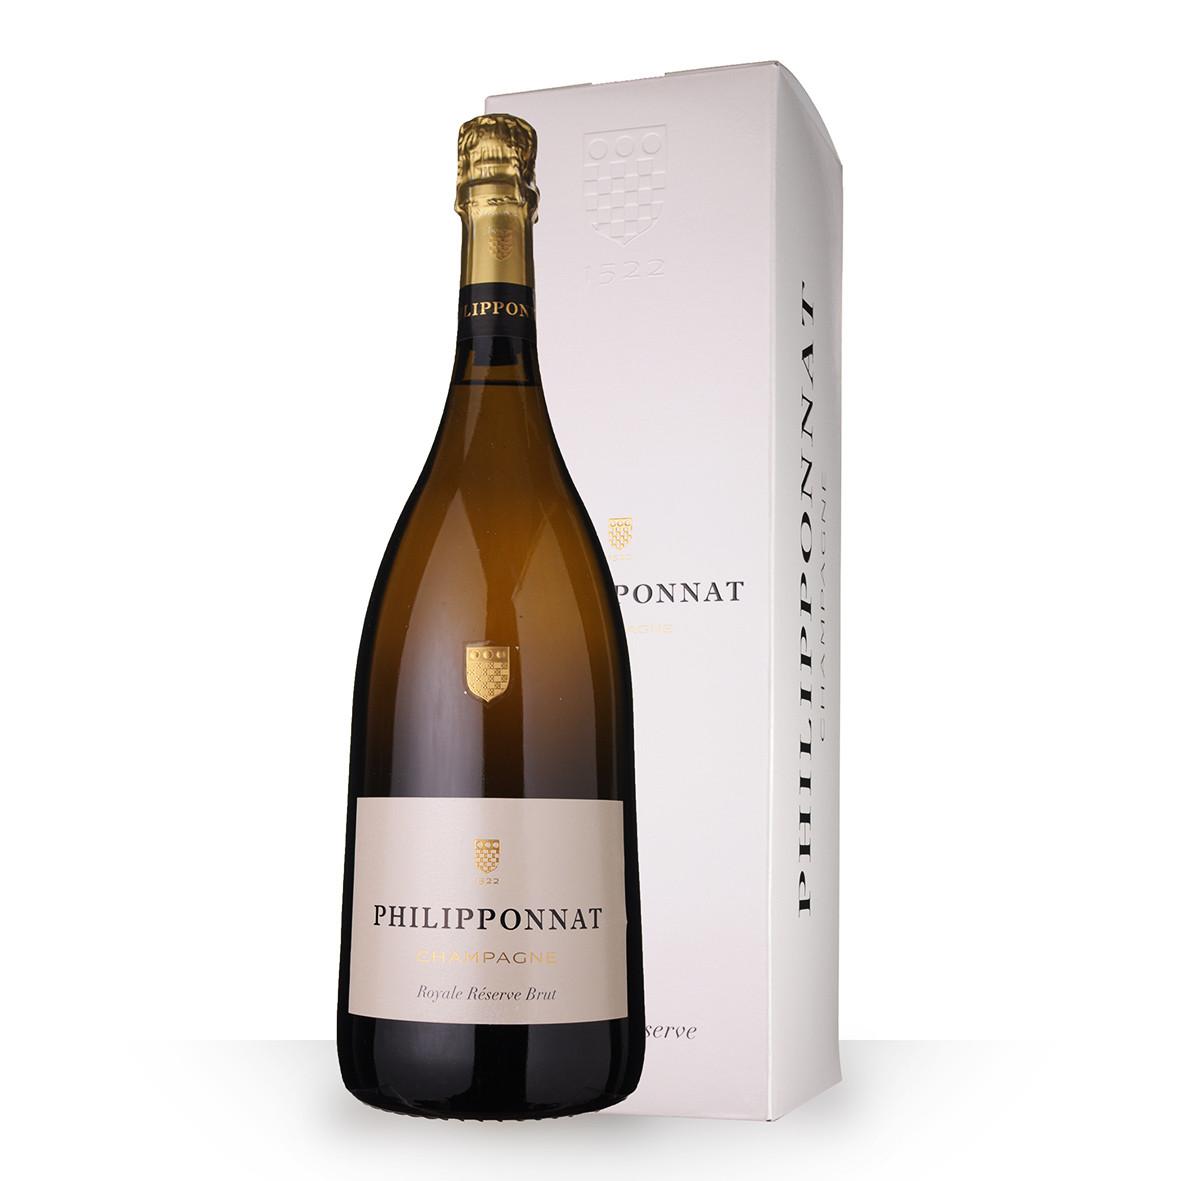 Champagne Philipponnat Royale Réserve Brut 150cl Etui www.odyssee-vins.com